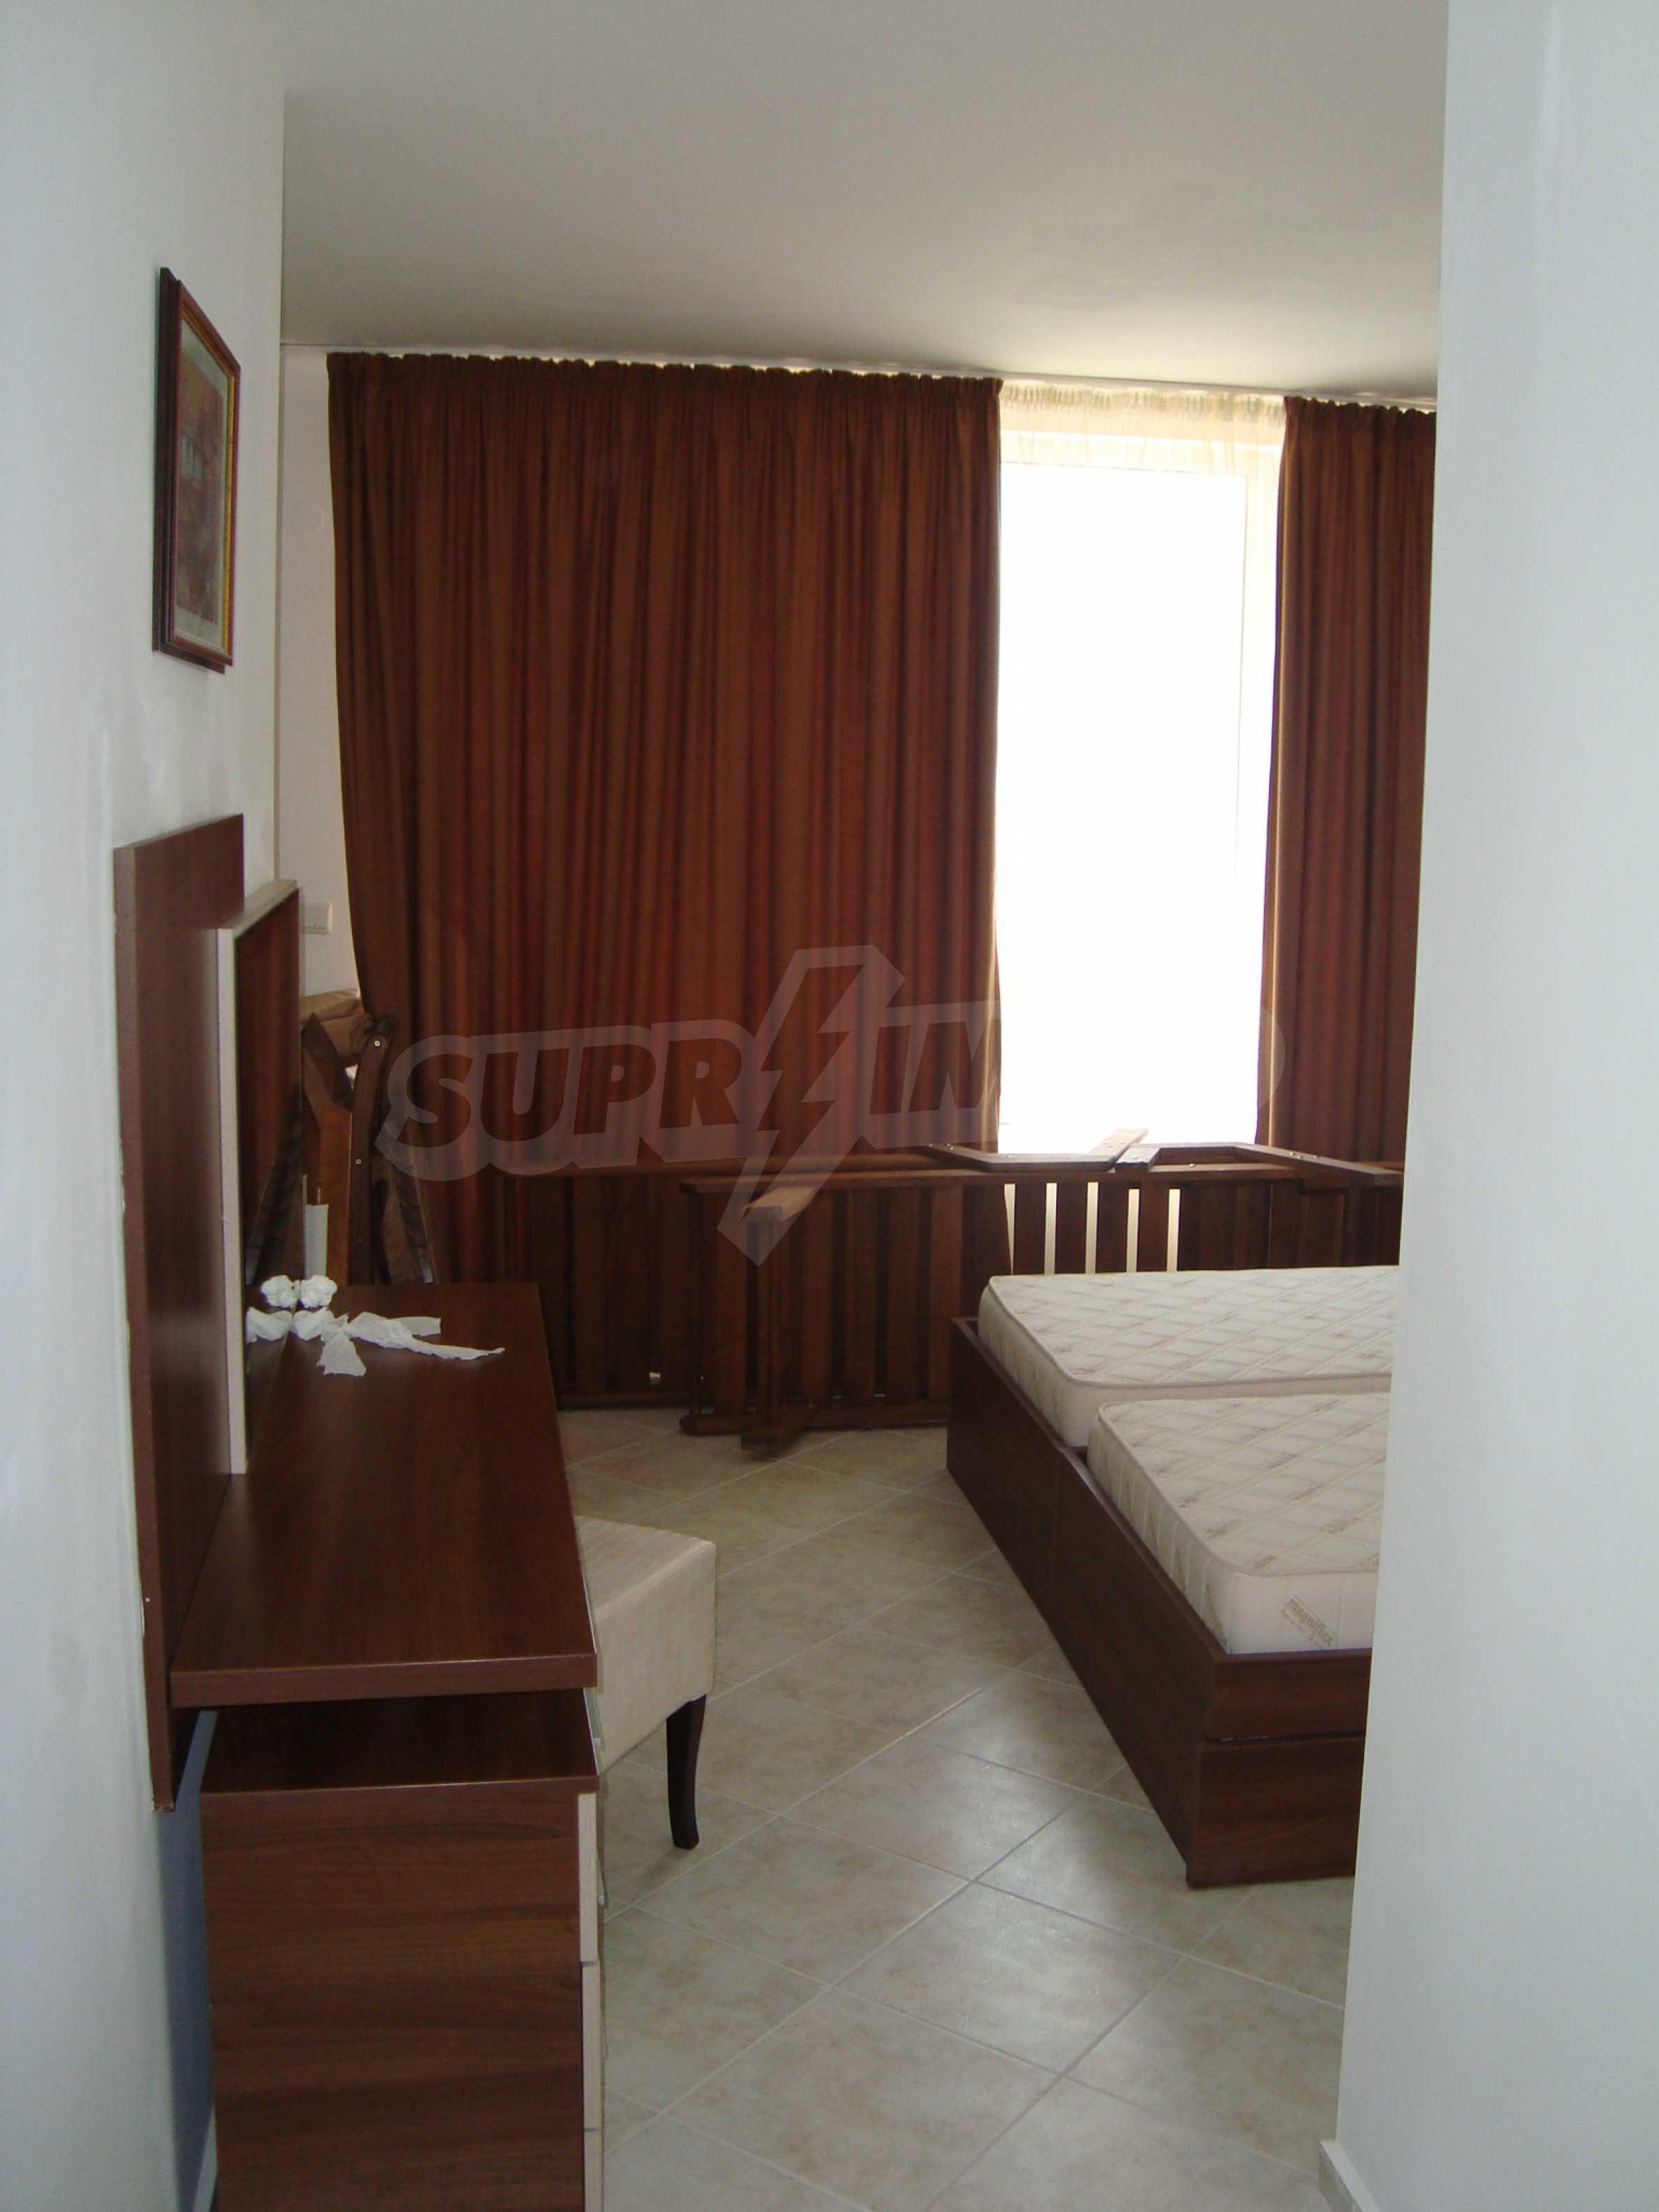 Großes Penthouse zum Verkauf in Sunset 2 Kosharitsa 13